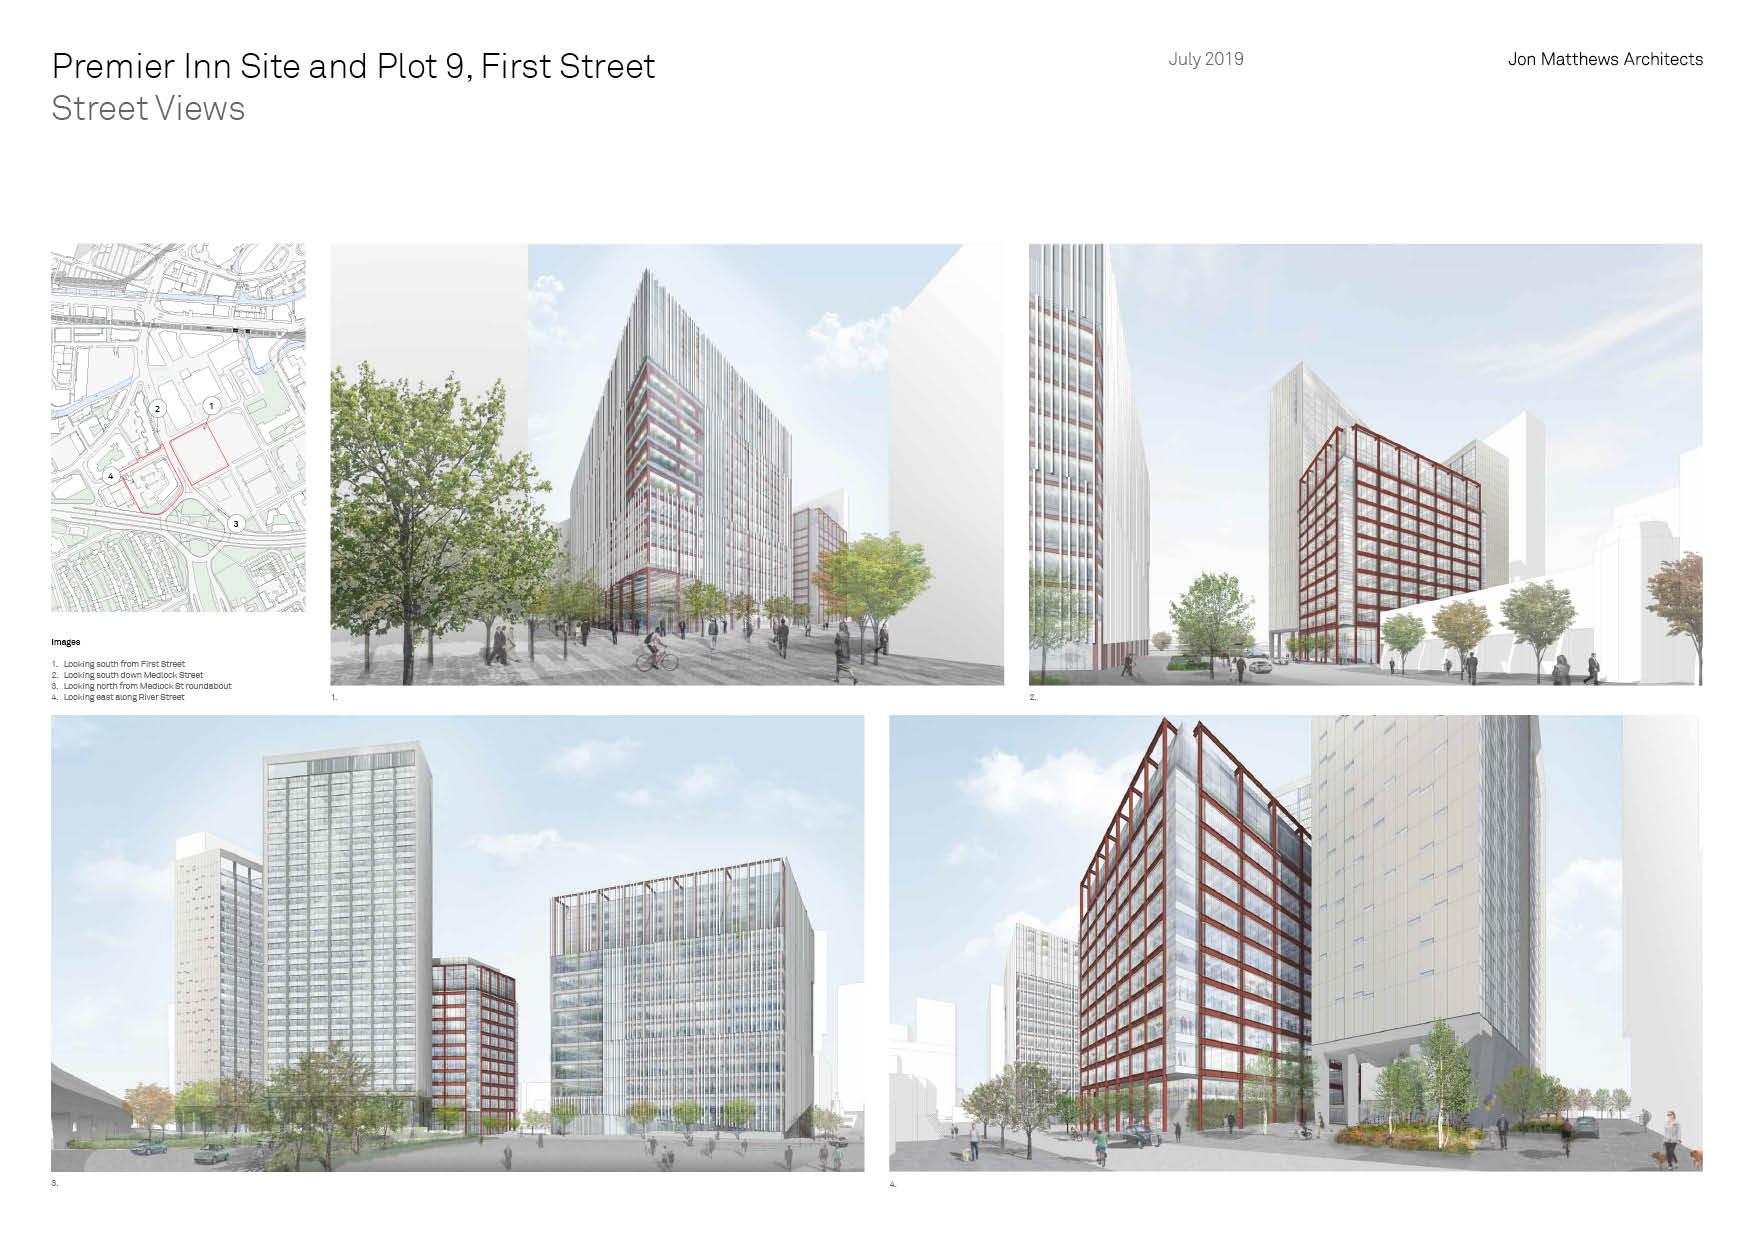 first_street_premier_inn_plot_9_13.jpg